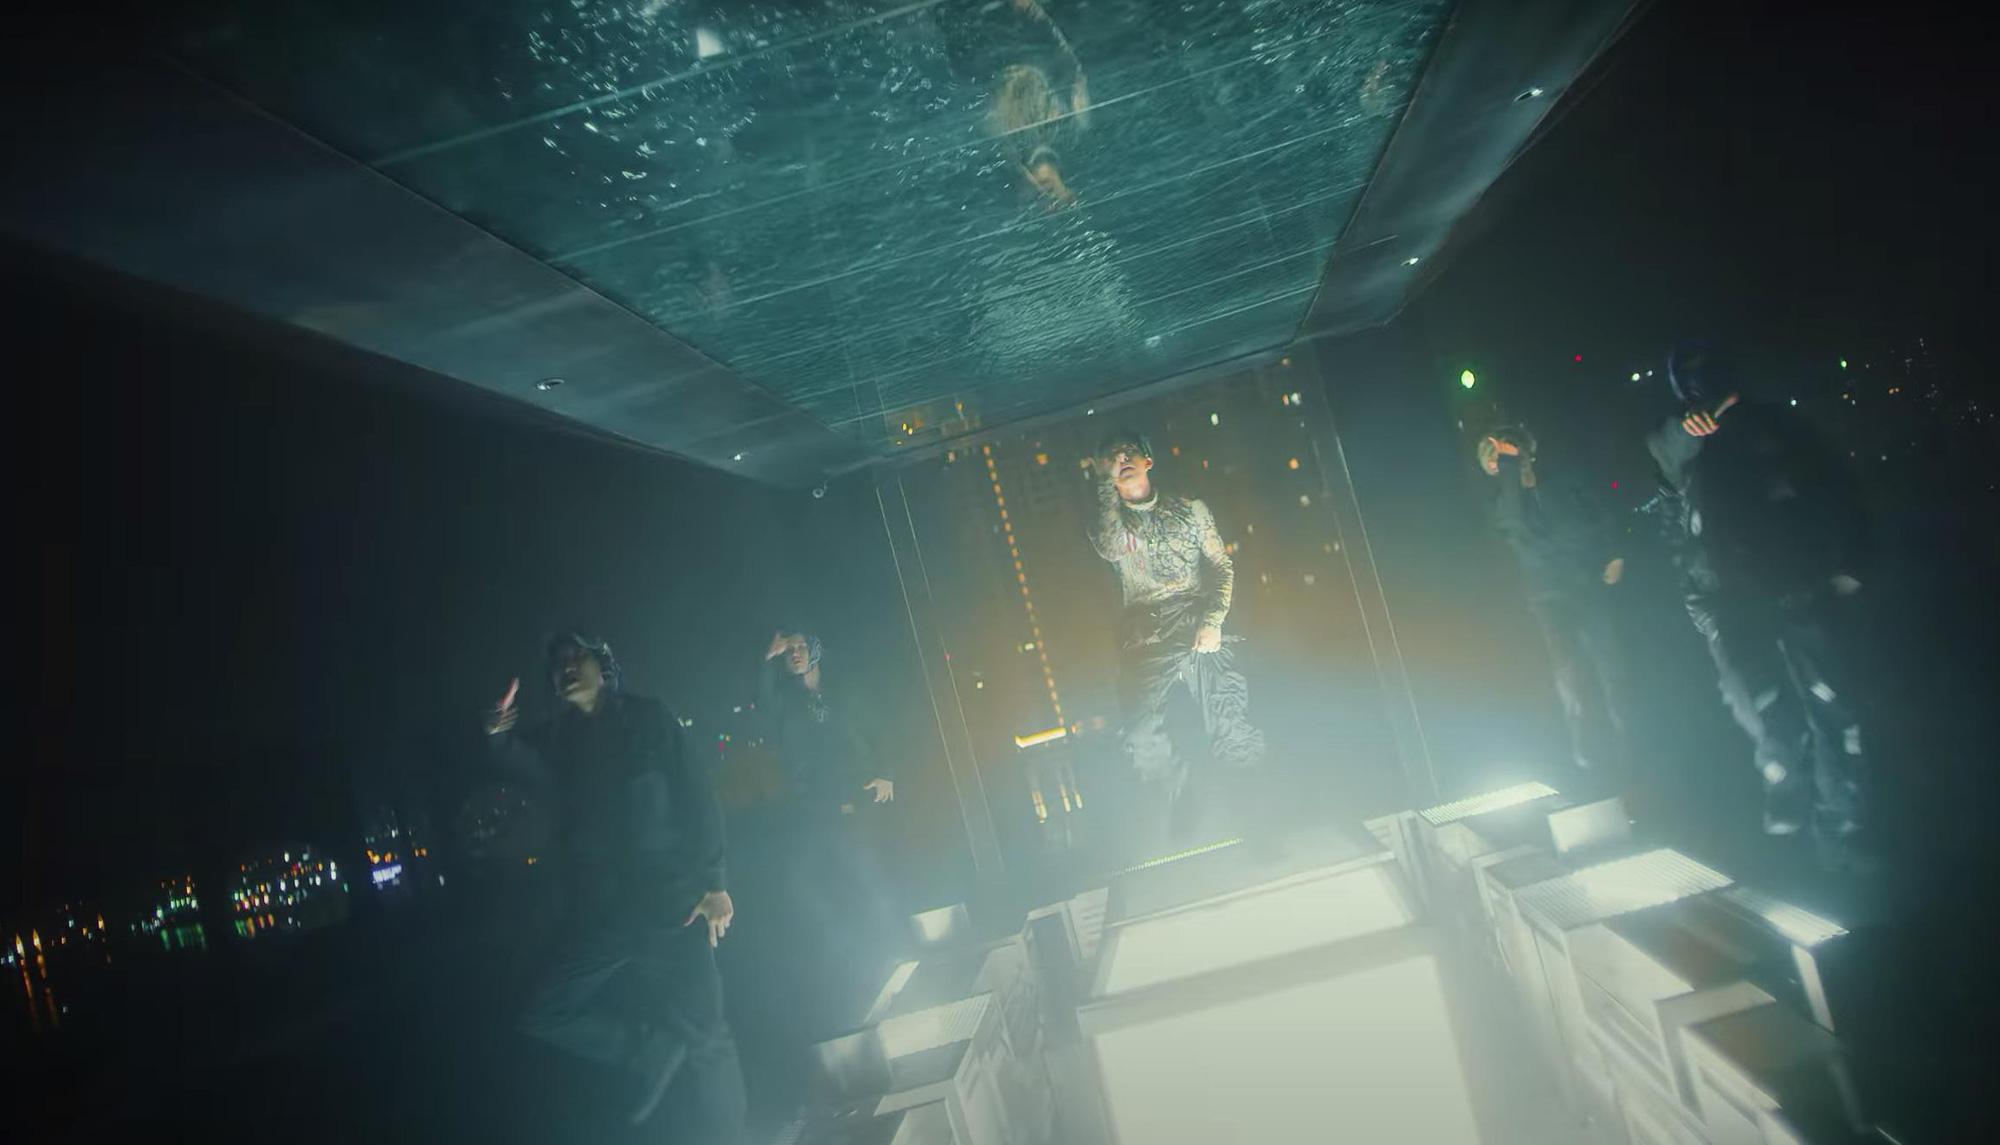 """Soi độ ăn chơi của SOOBIN và Binz trong MV mới, fan công nhận thế này bảo sao """"không chết Hoàng Sơn"""" cơ chứ - Ảnh 5."""